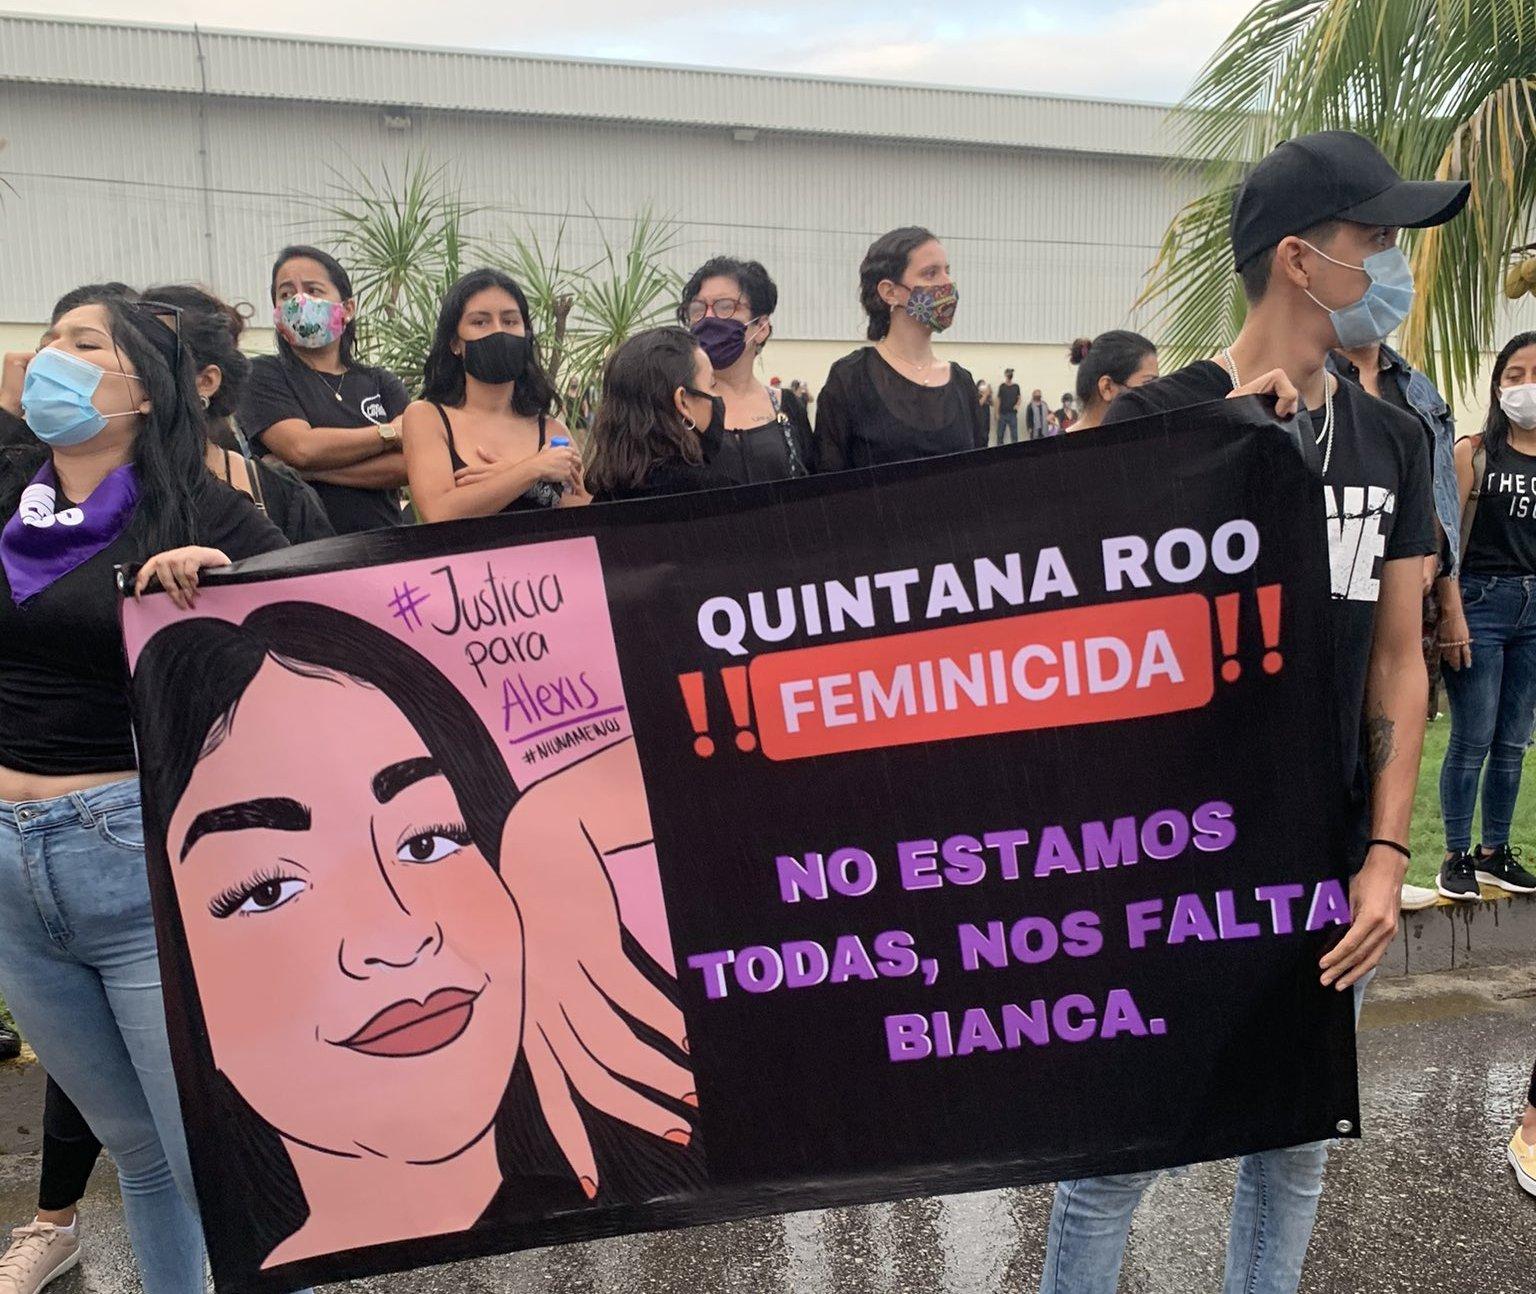 justicia para alexis manifestacion quintana roo feminicida